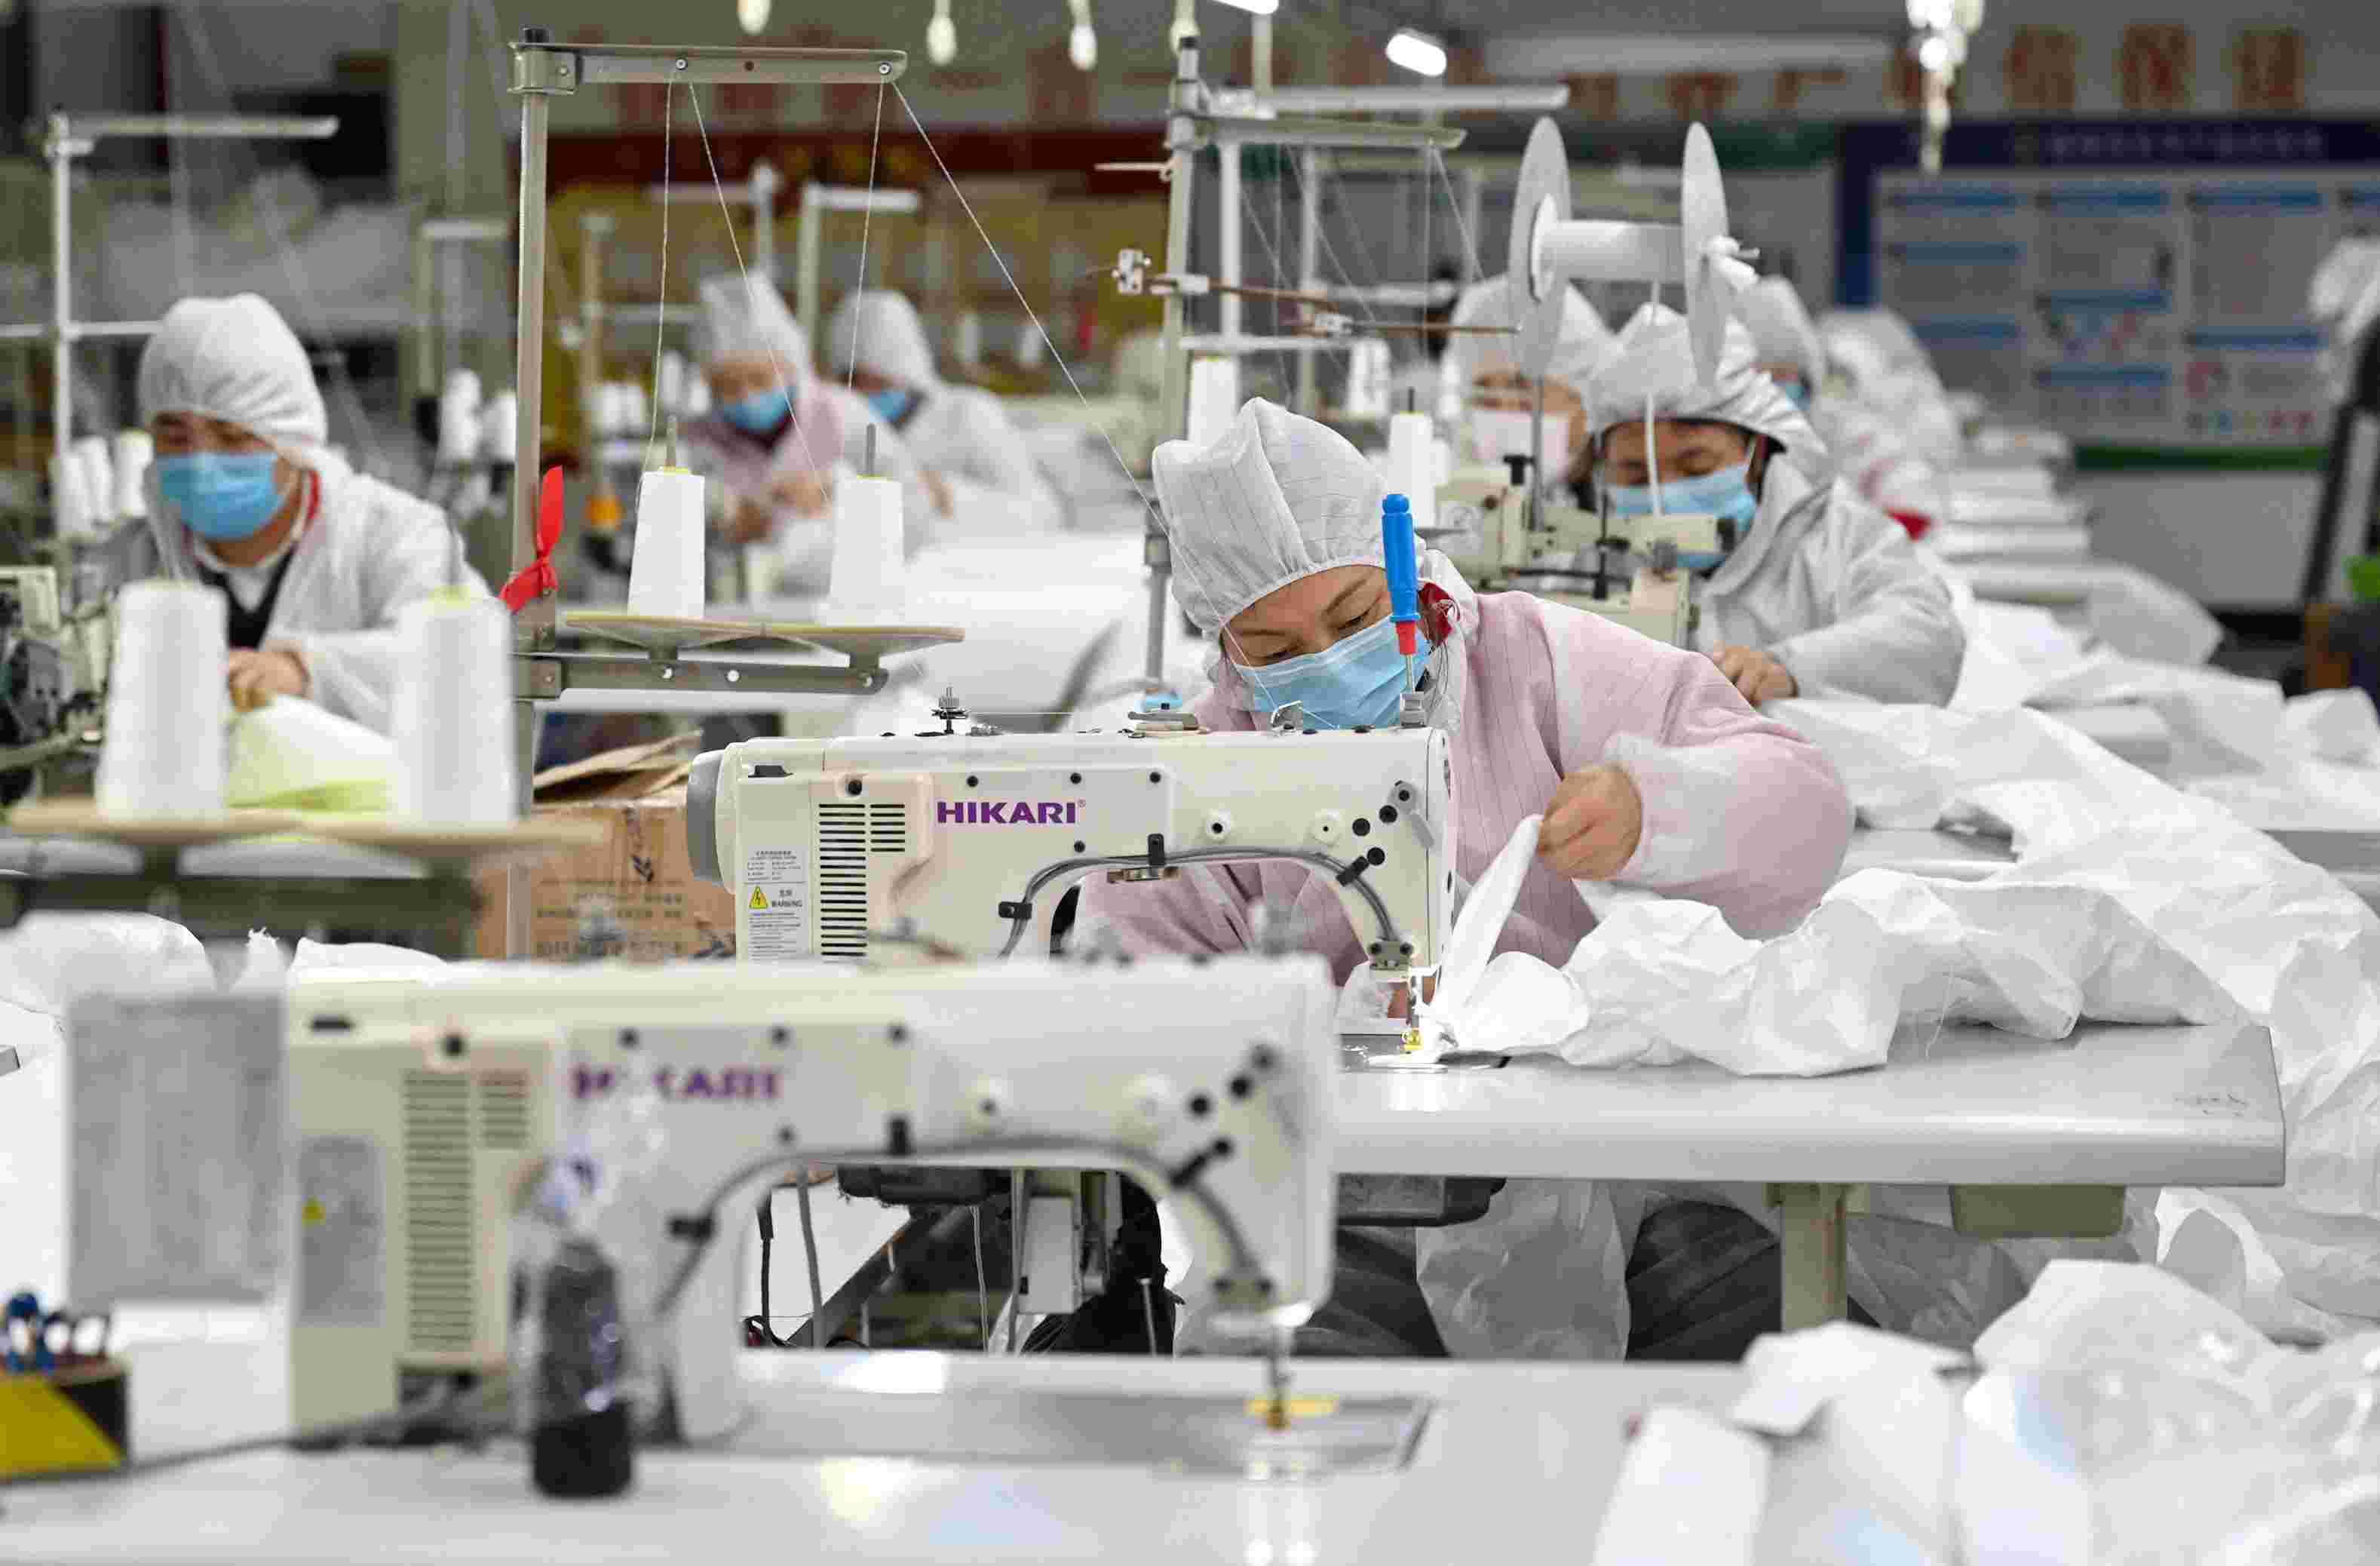 一家企业正在生产口罩 图片来源:新华社